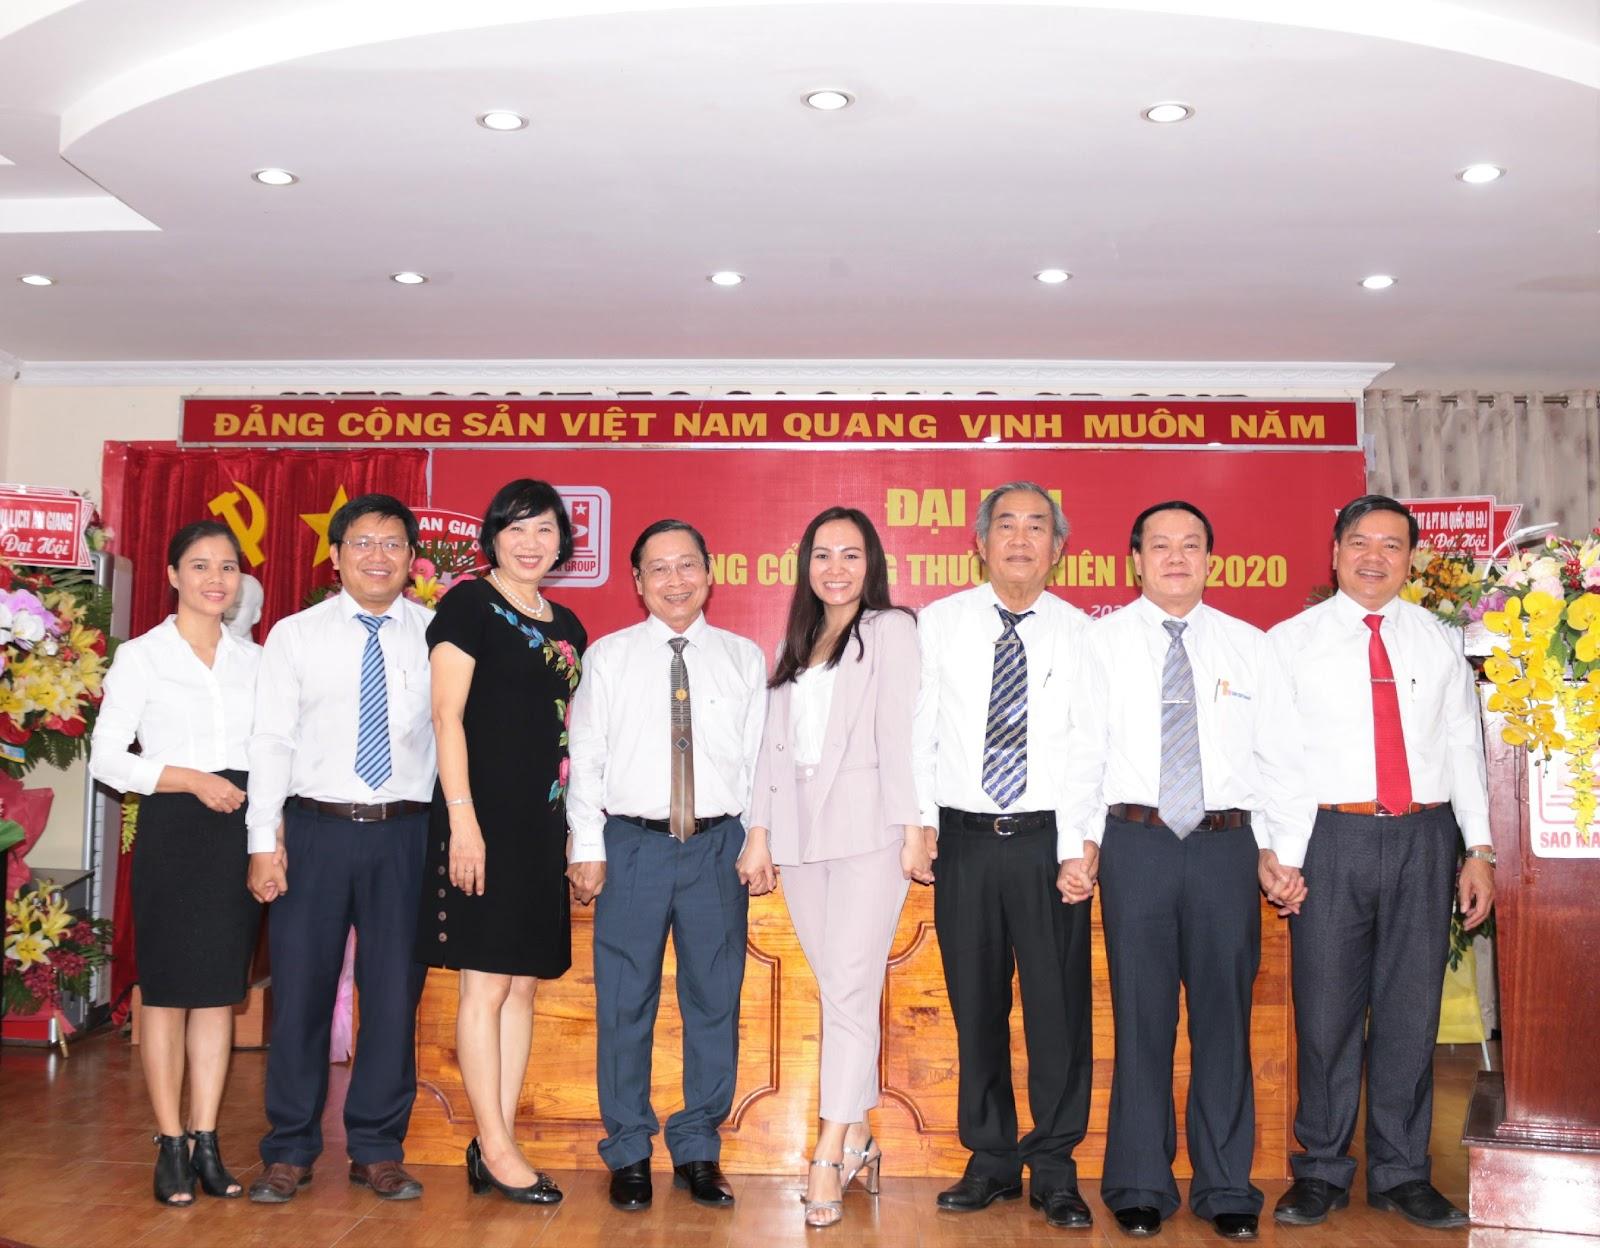 3. Hội đồng quản trị nhiệm kỳ mới ra mắt Đại hội